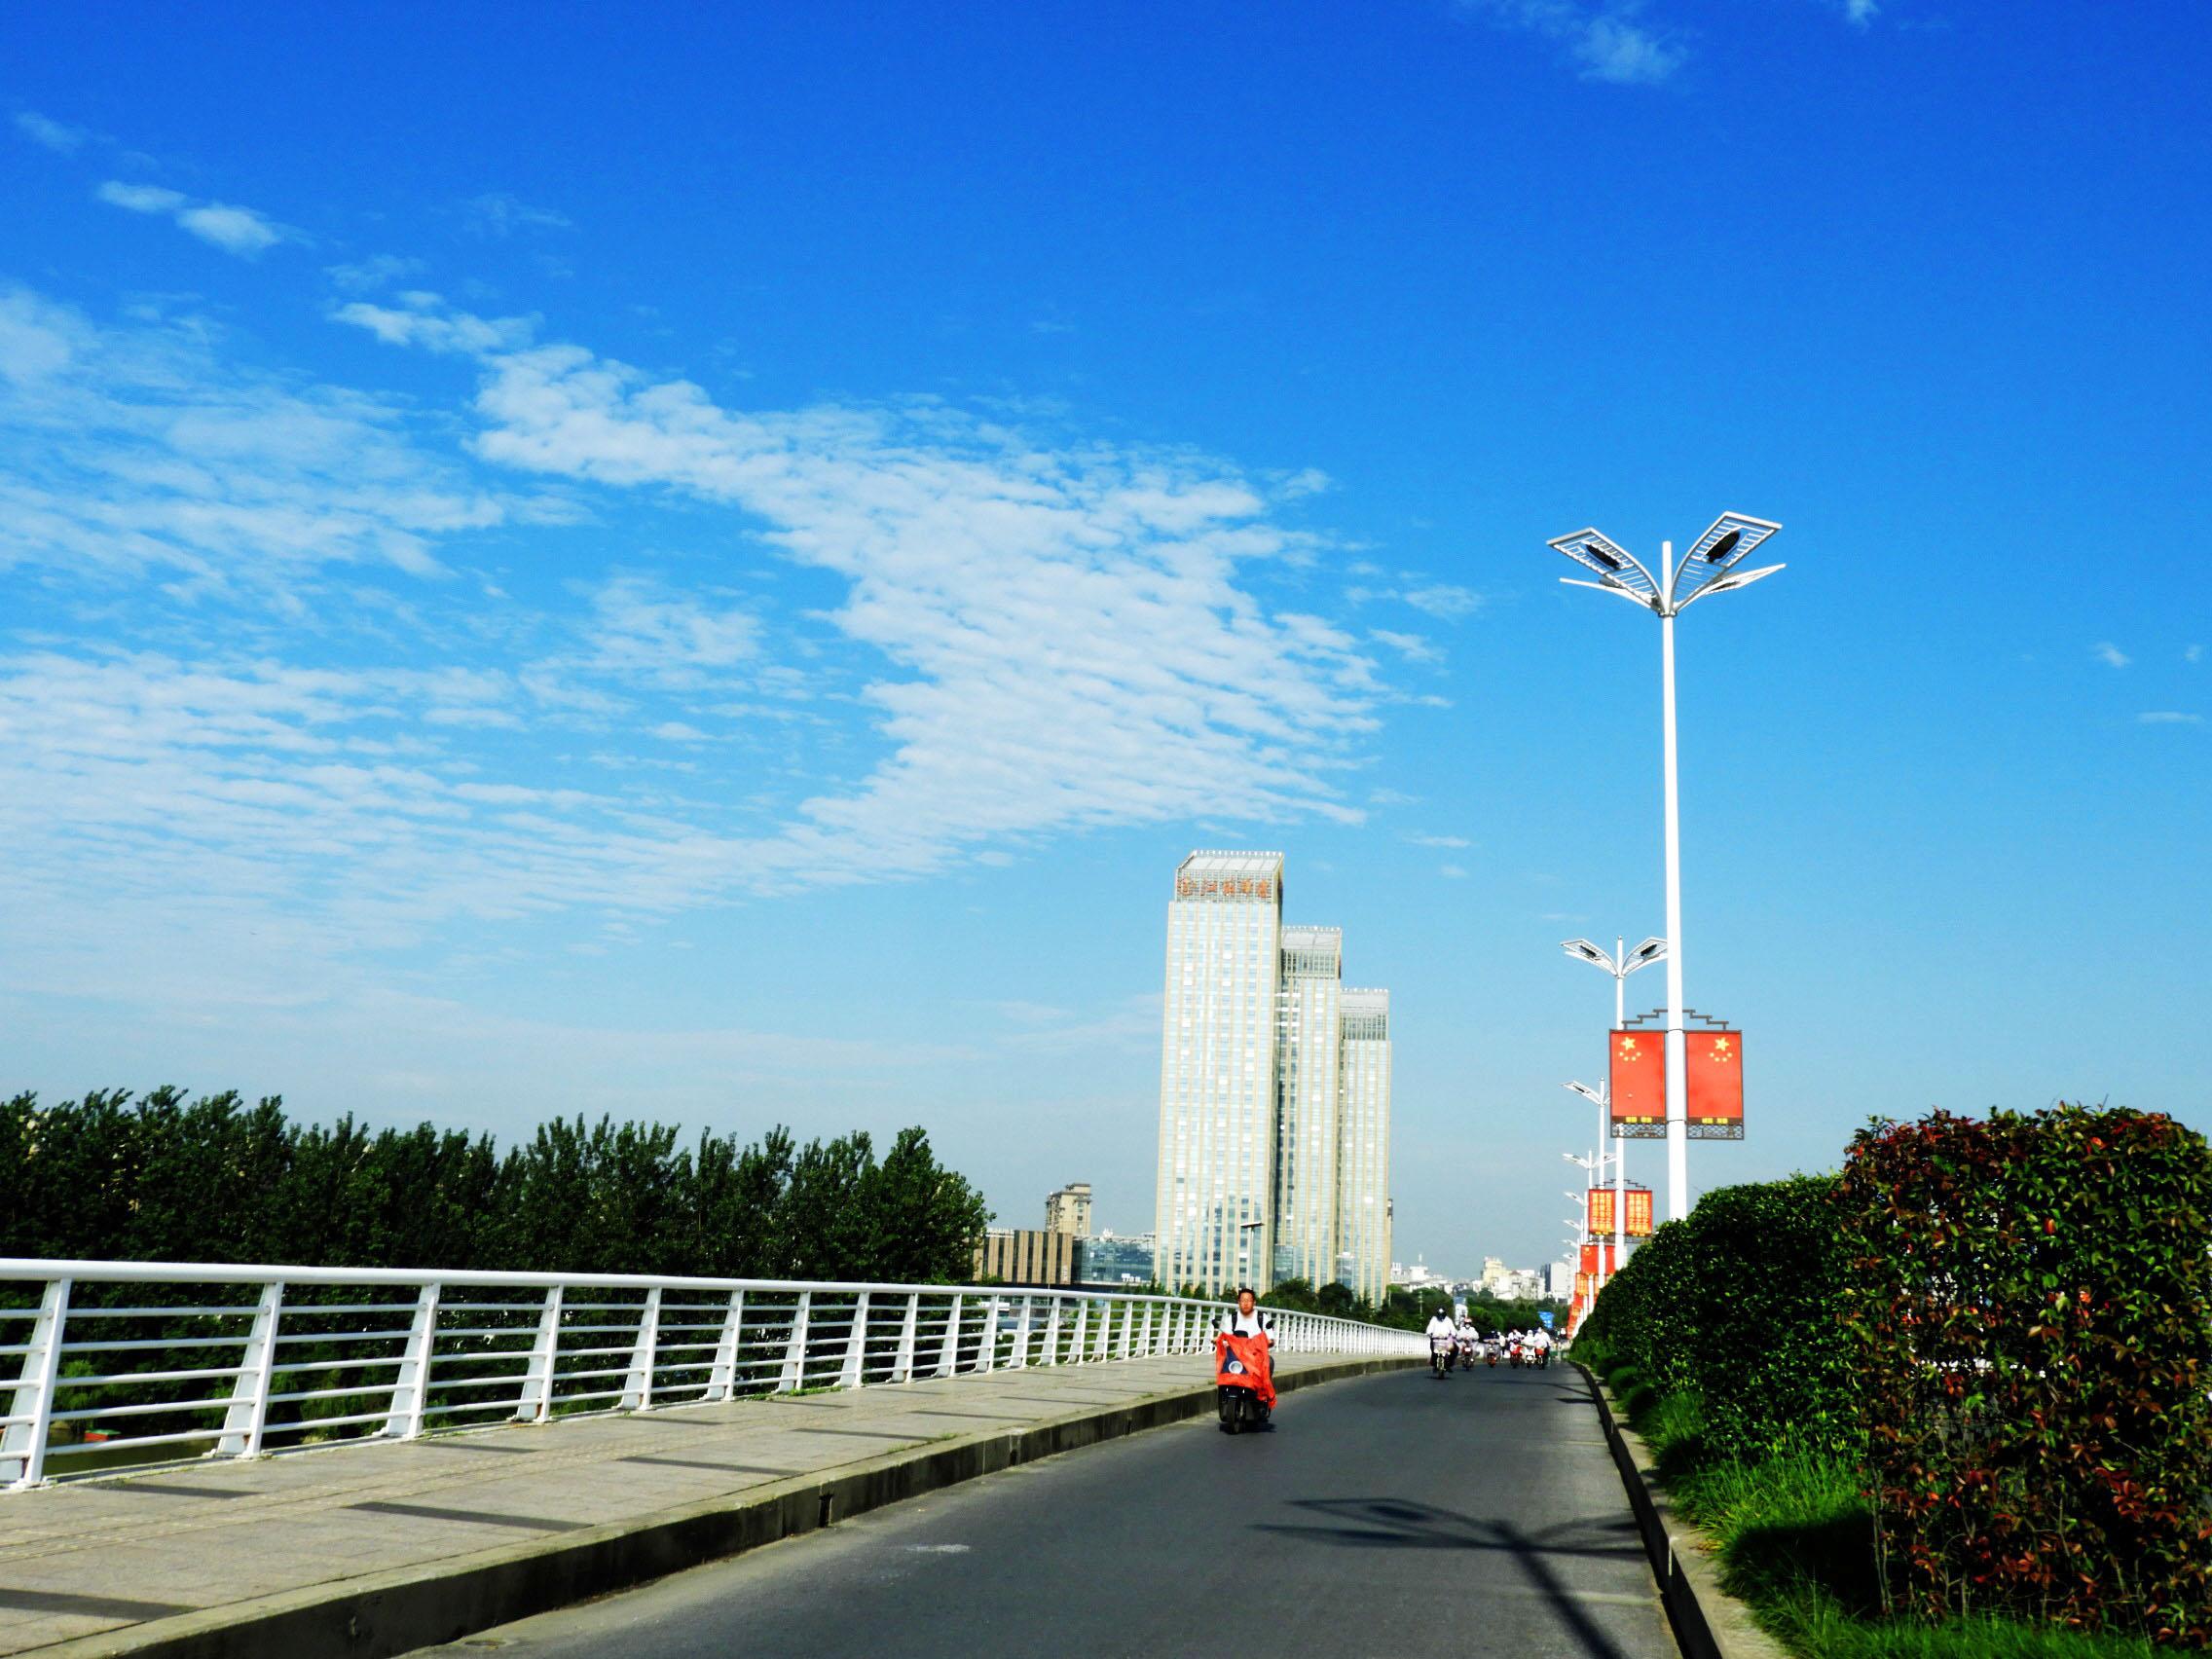 扬州8月高温与台风雷暴齐飞,炎热和潮湿同在